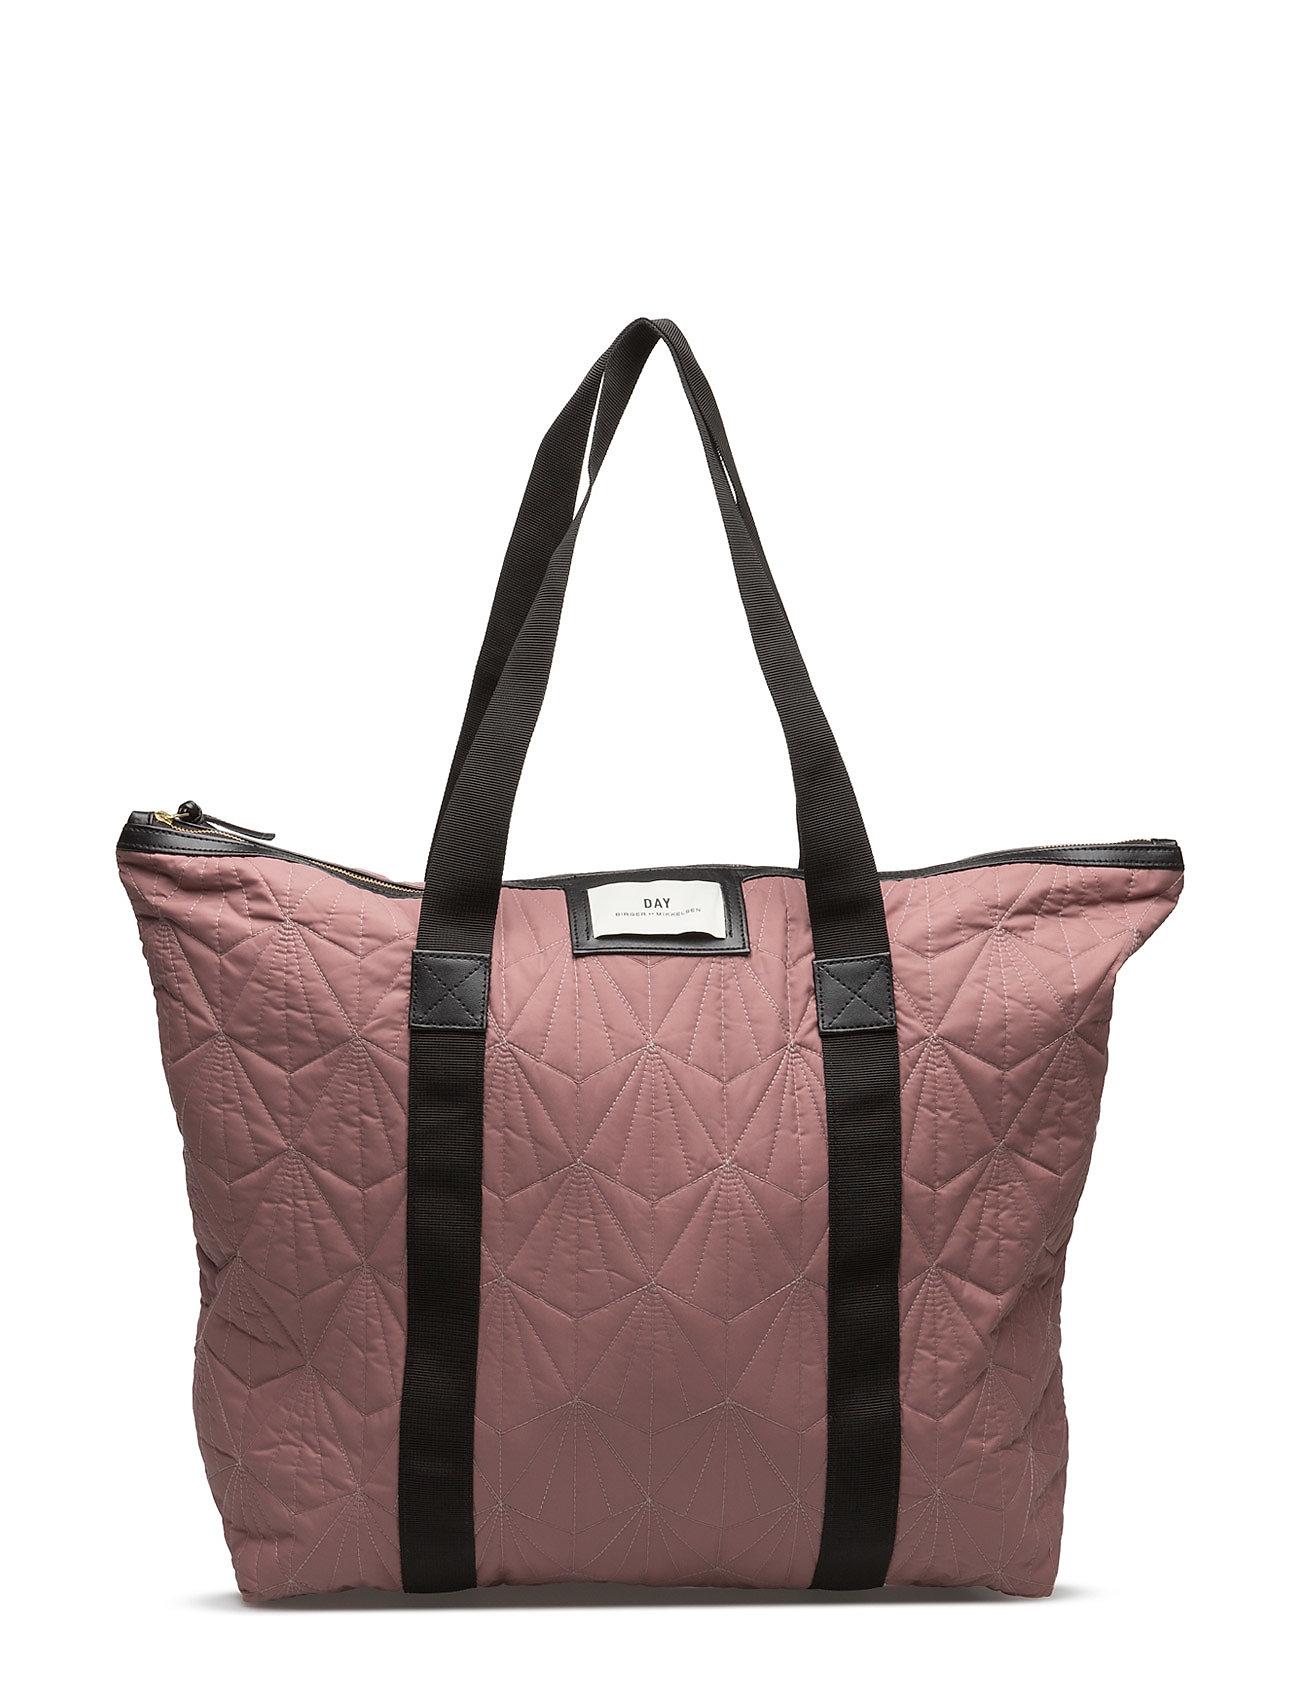 DAY et Day Gweneth Q Deco Bag